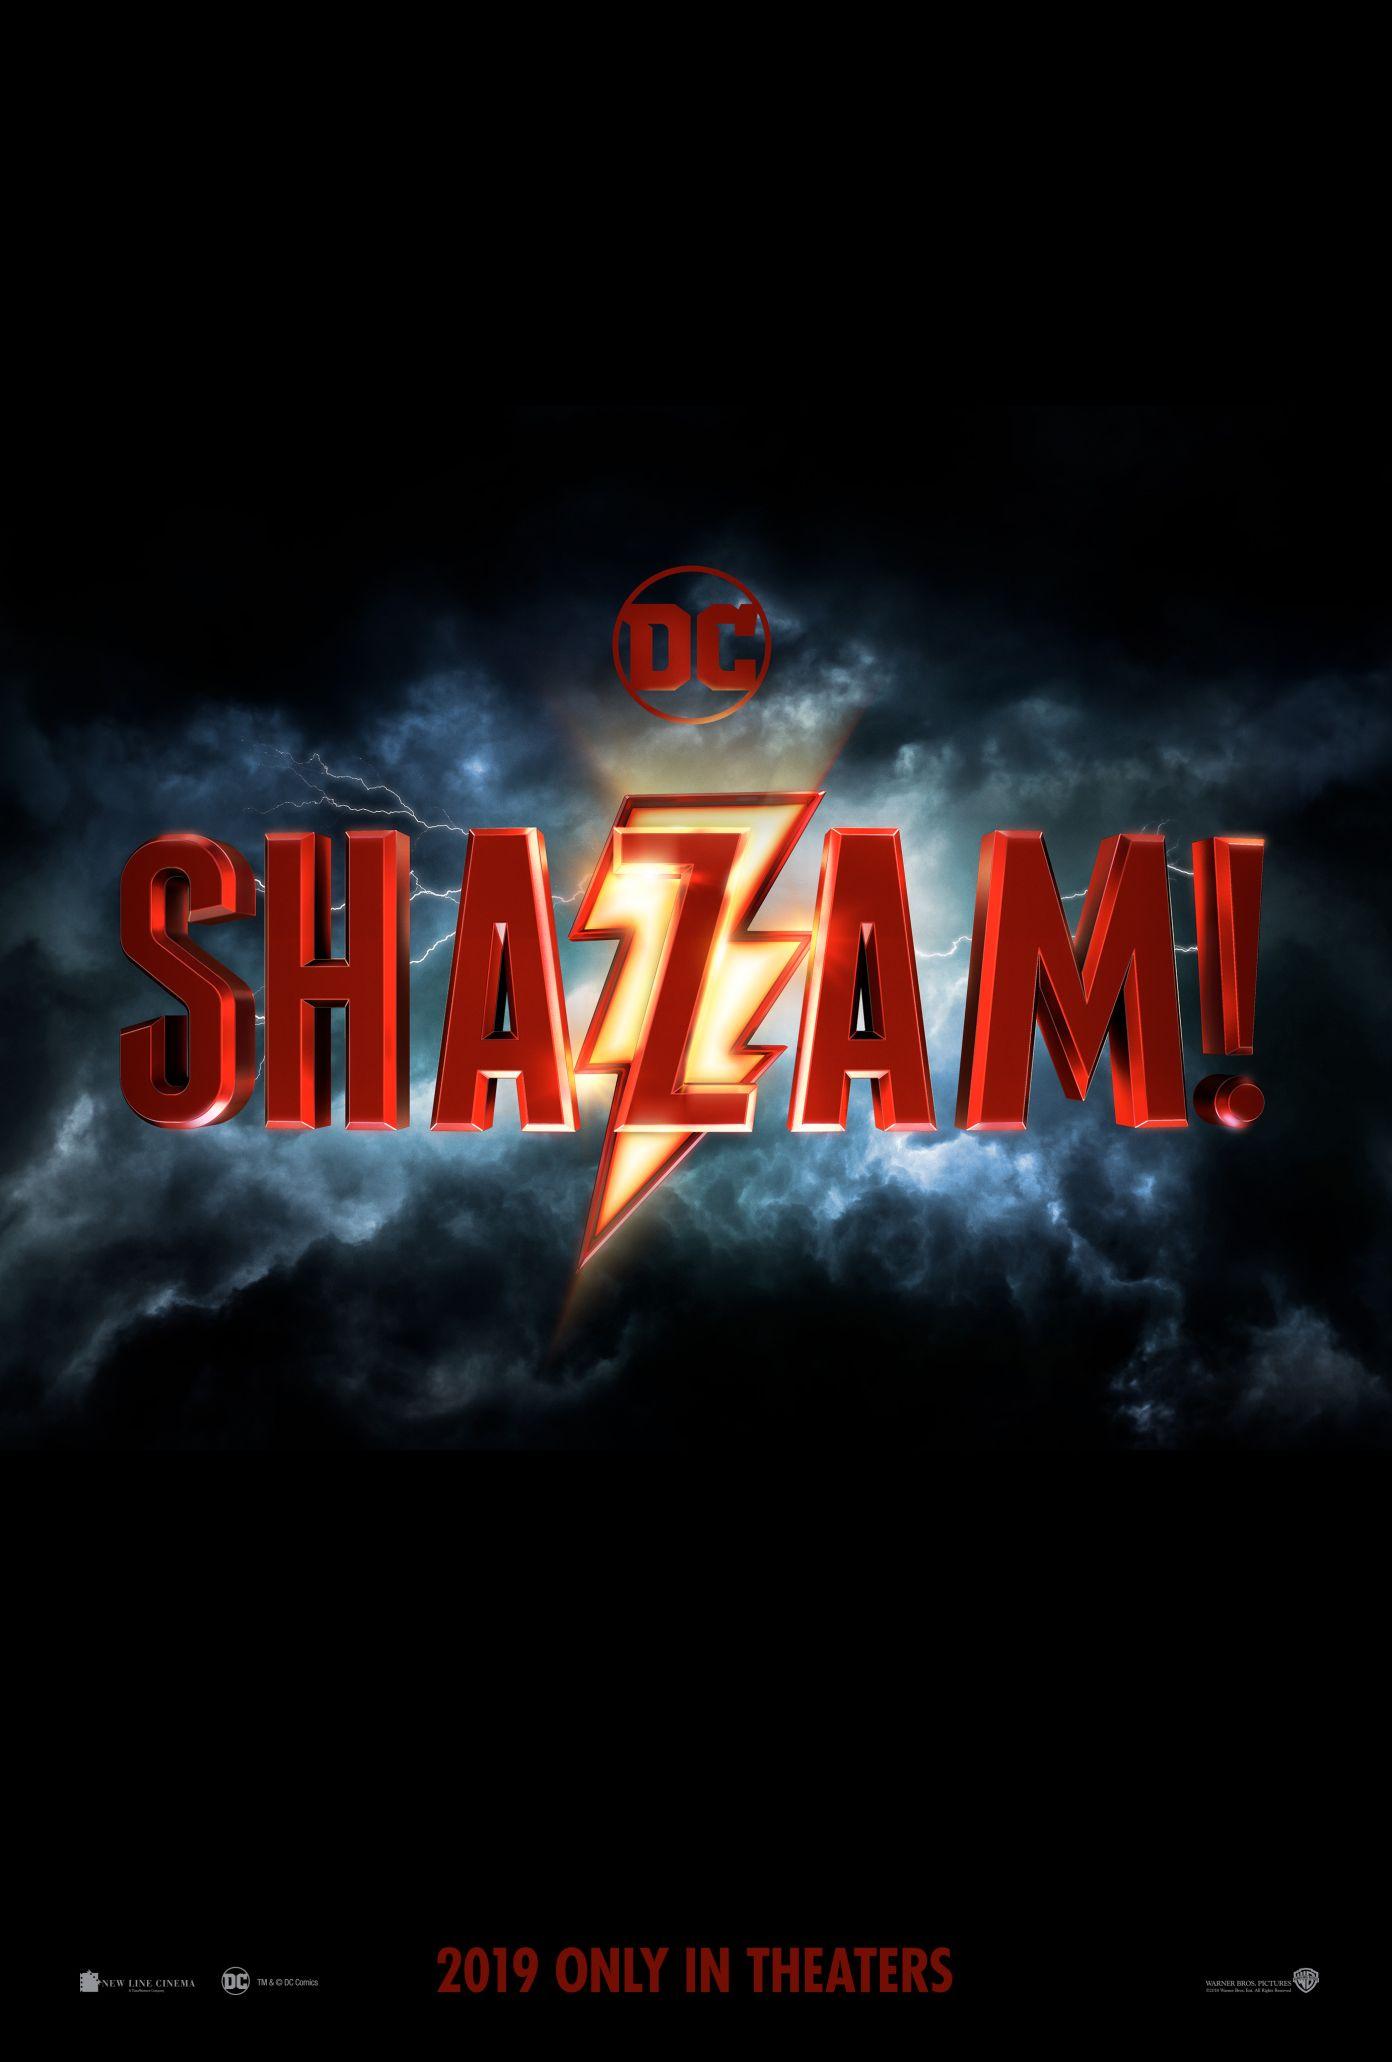 Shazam_TT_VERT_DOM_2764x4096_FIN_master.jpg